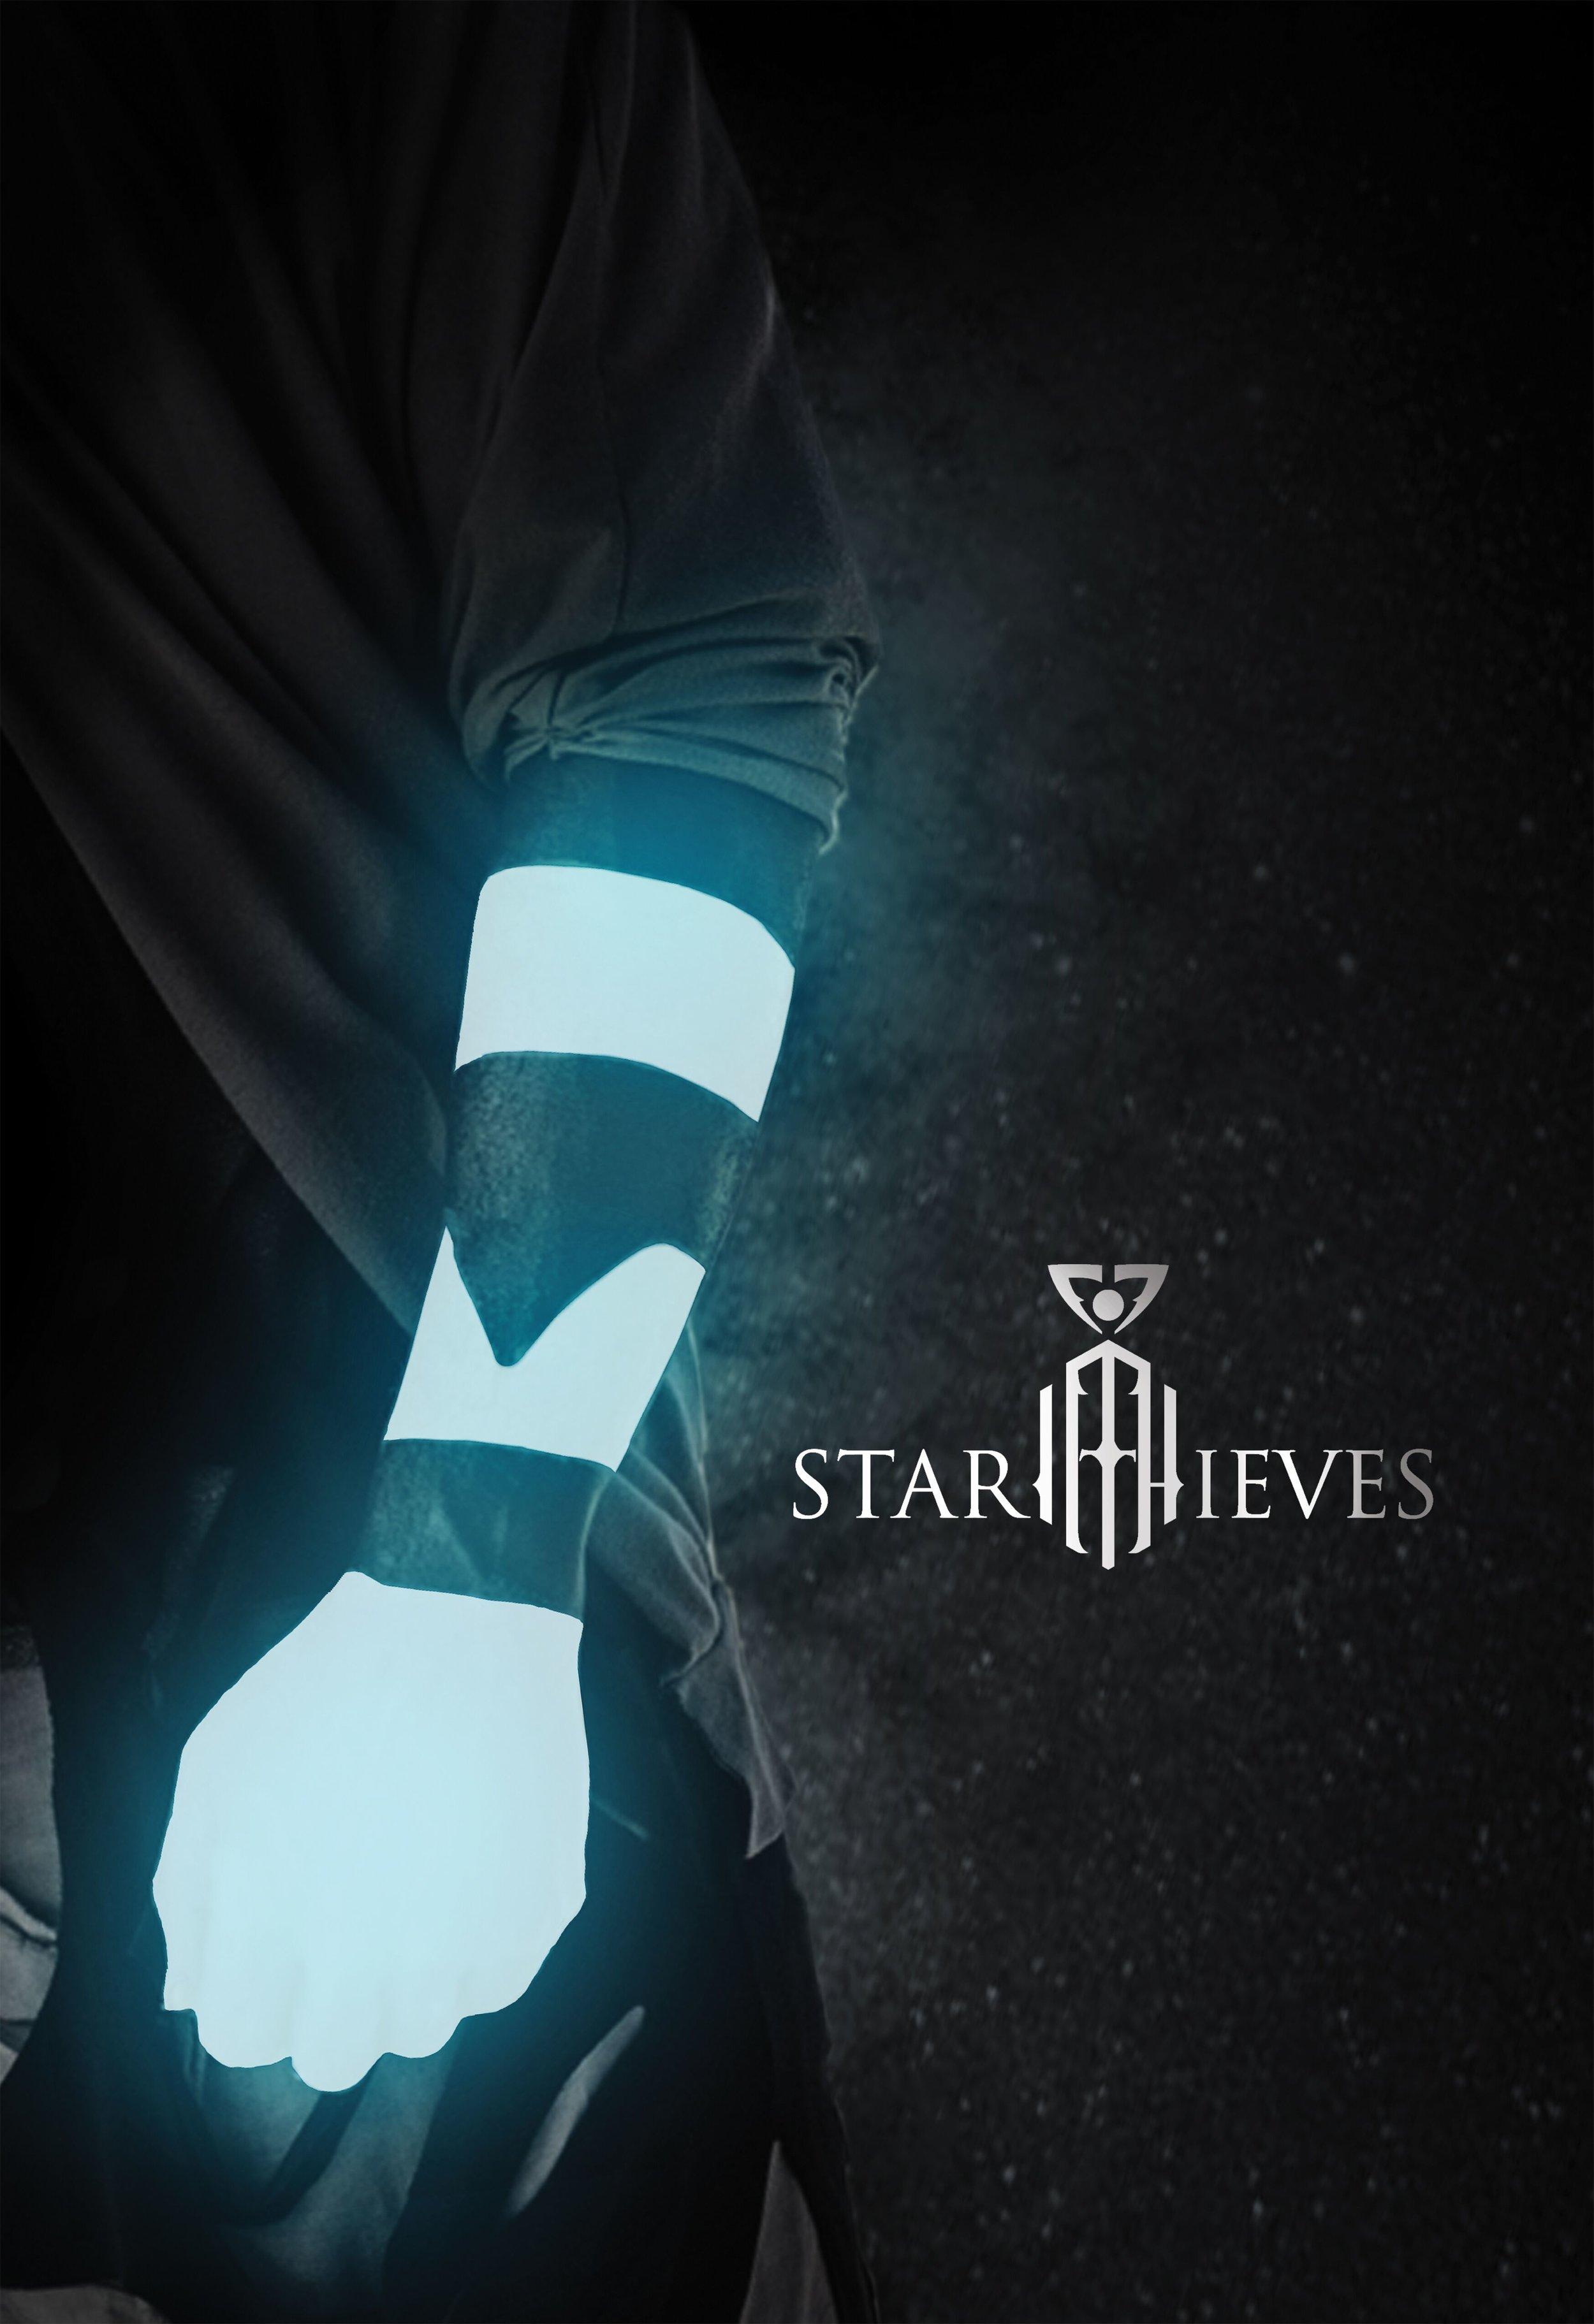 StarThievesFilmLogo.jpg